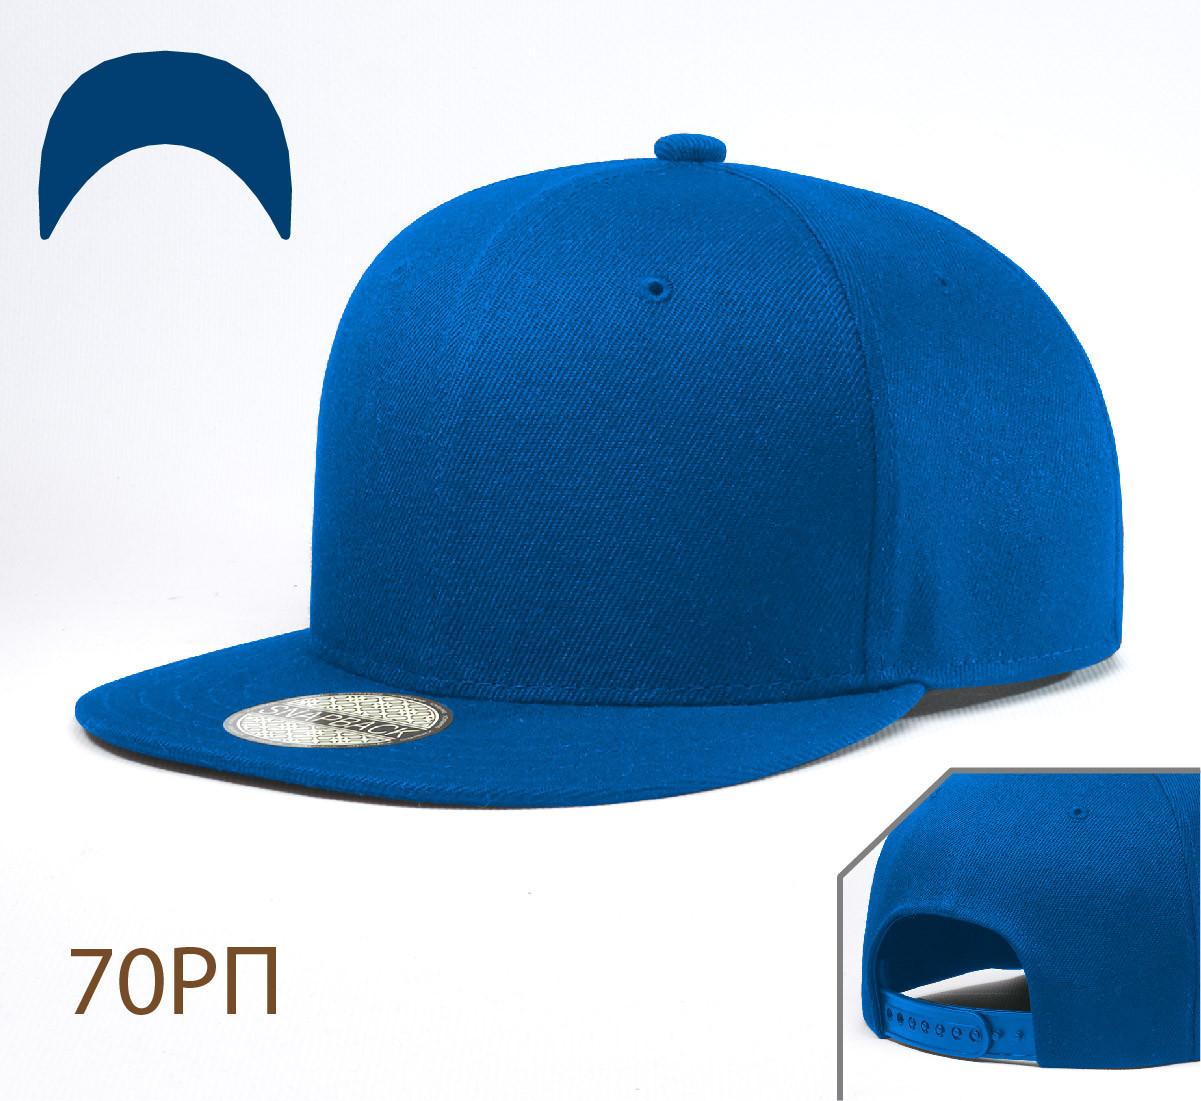 Кепка Снепбек, 6 панелей, L / 57-58 RU, Акрил; Шерсть, Электрик, Inal